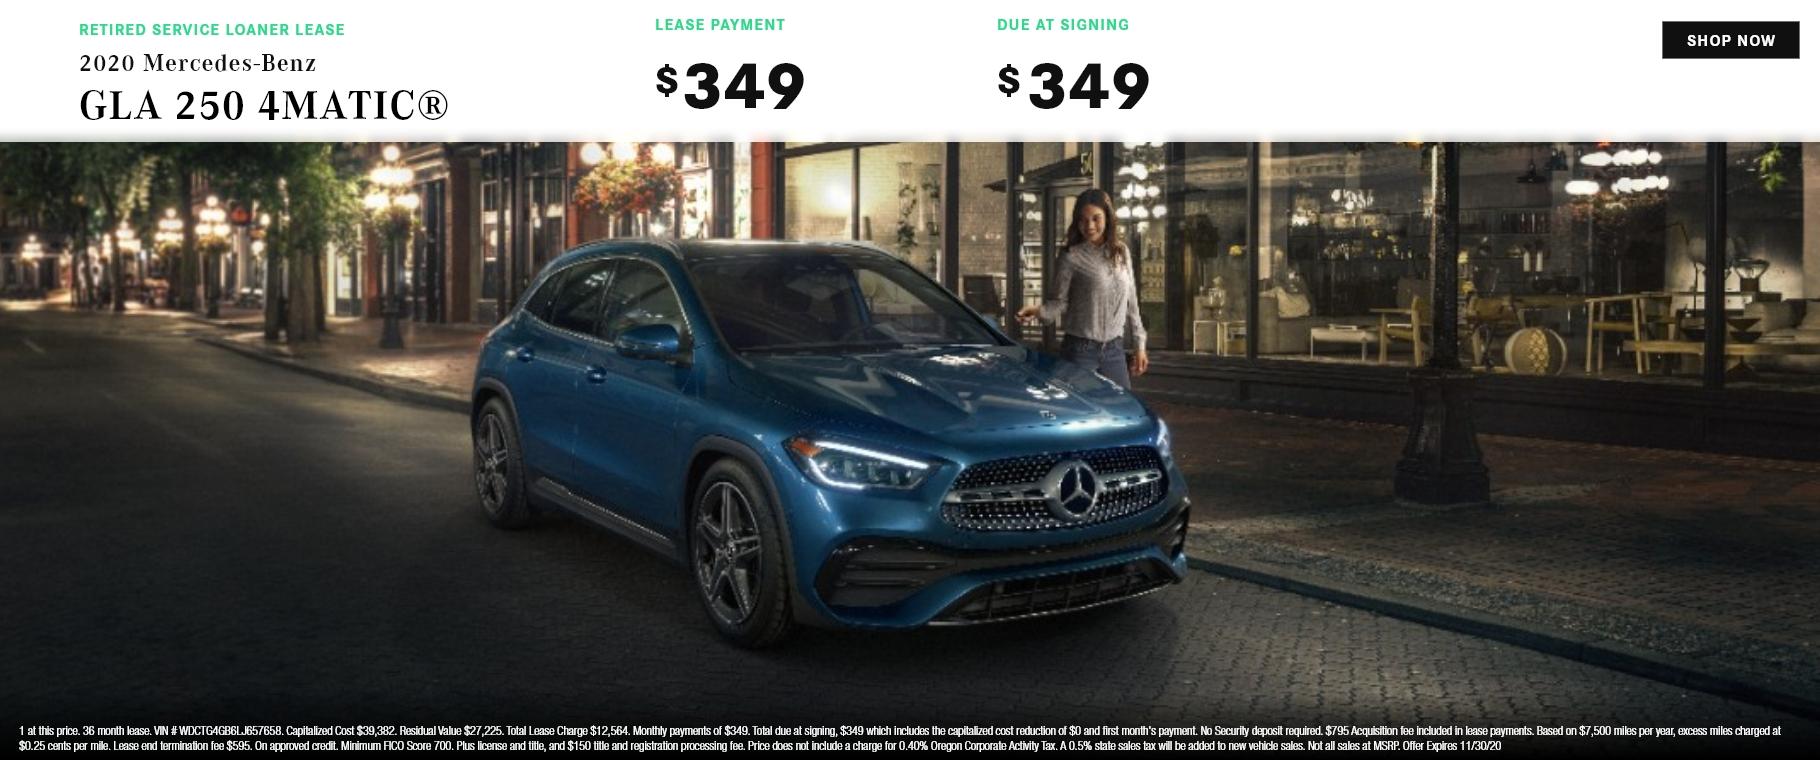 2020 Mercedes-Benz GLA 250 4MATIC®